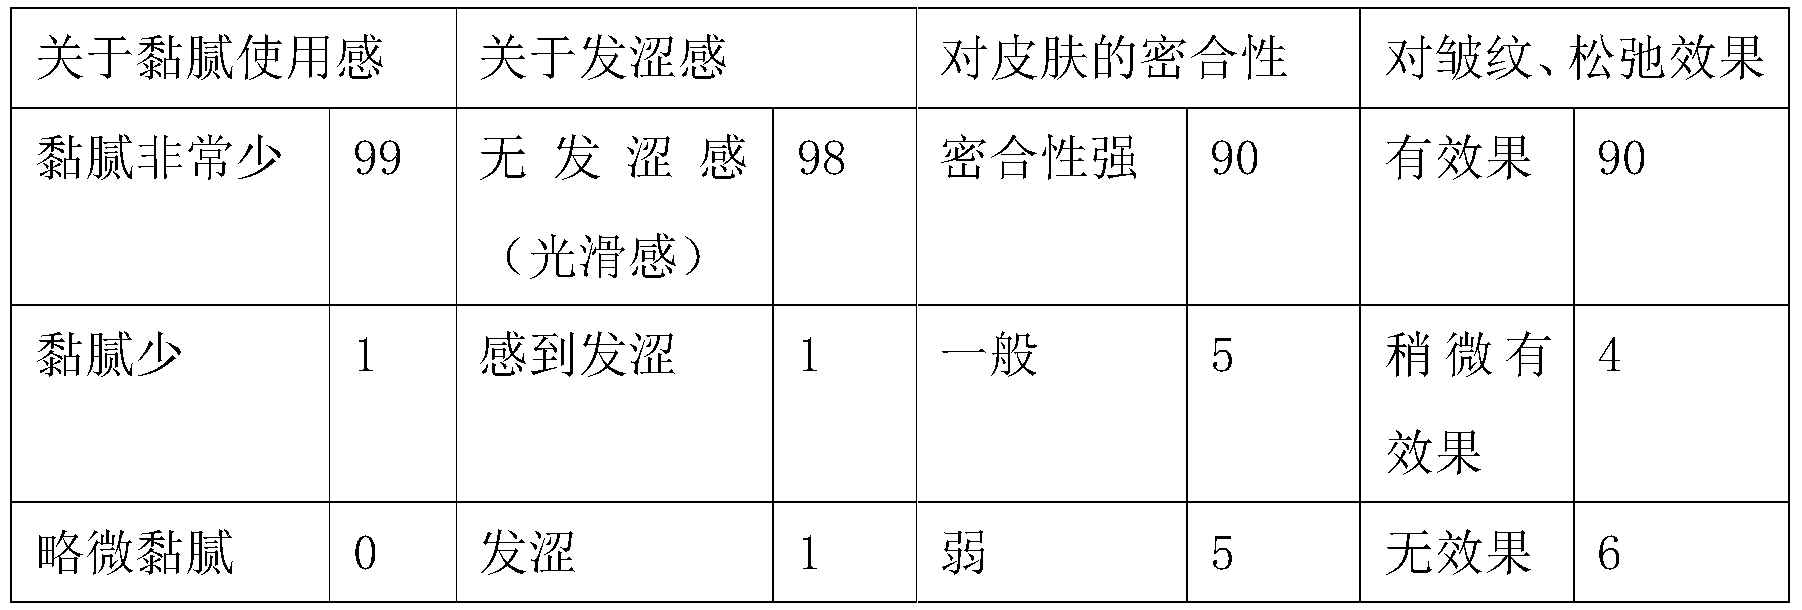 Figure PCTCN2014091047-appb-000004